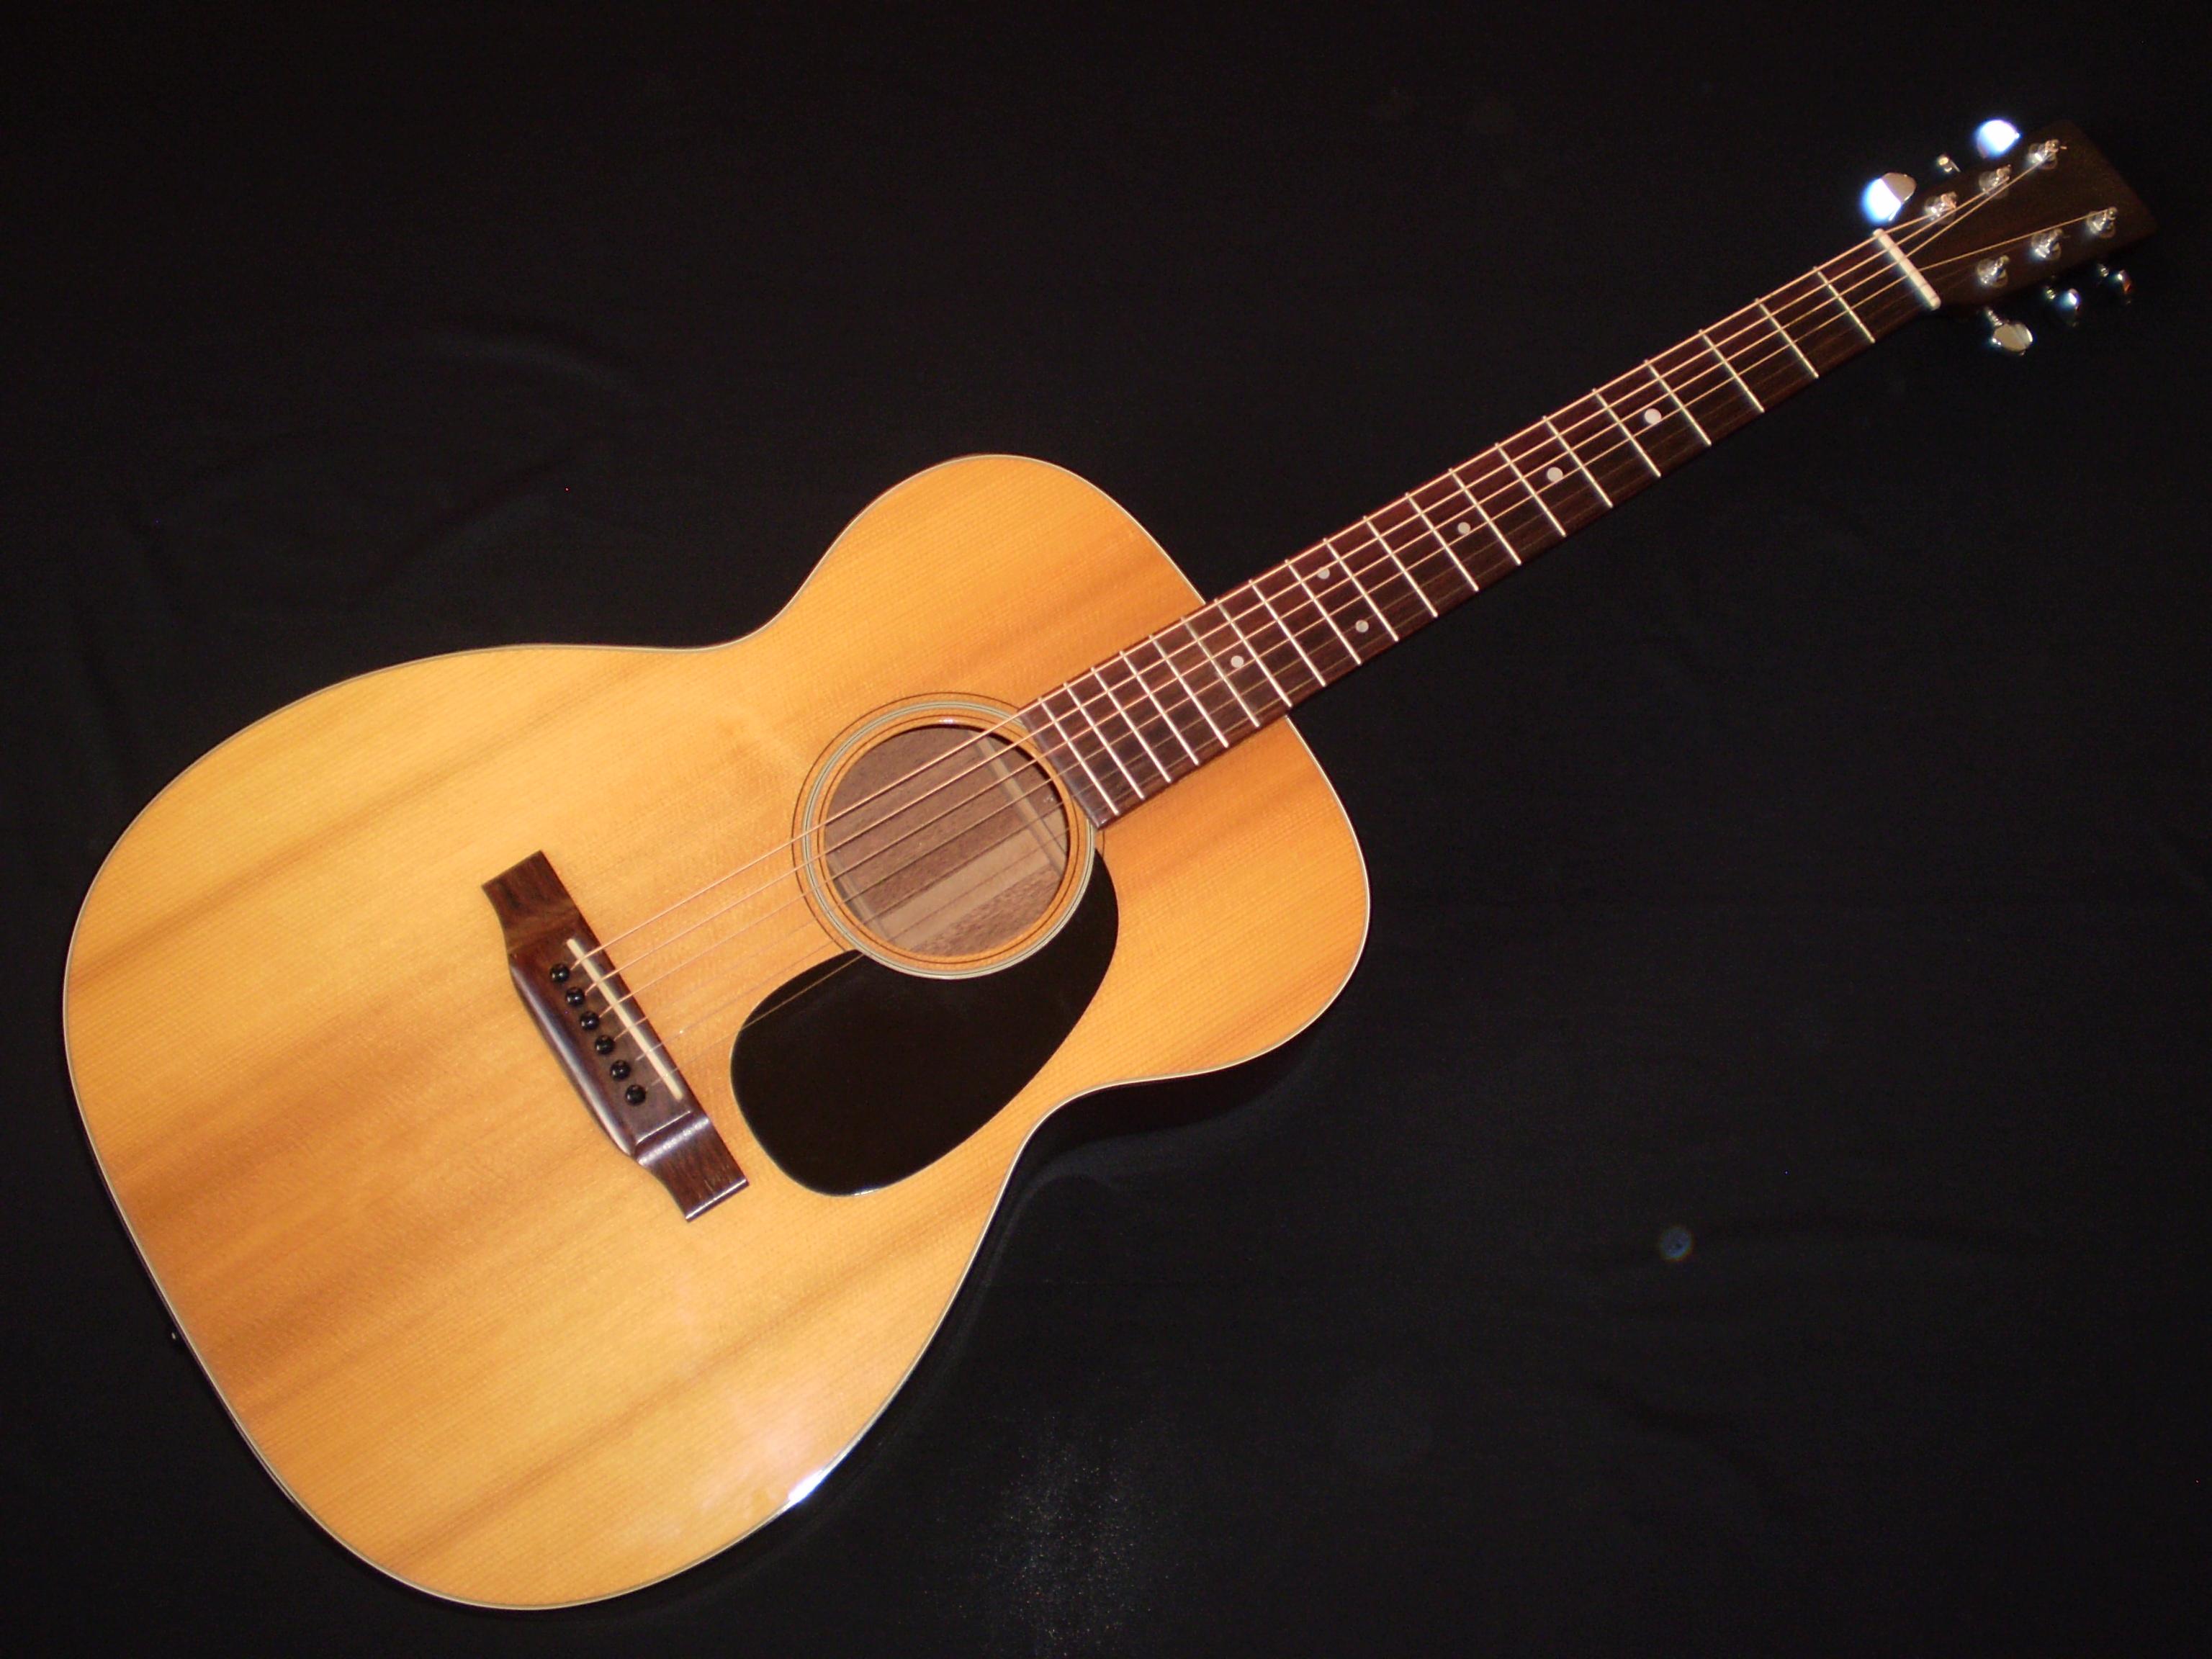 martin 0018 1973 natural guitar for sale glenns guitars. Black Bedroom Furniture Sets. Home Design Ideas